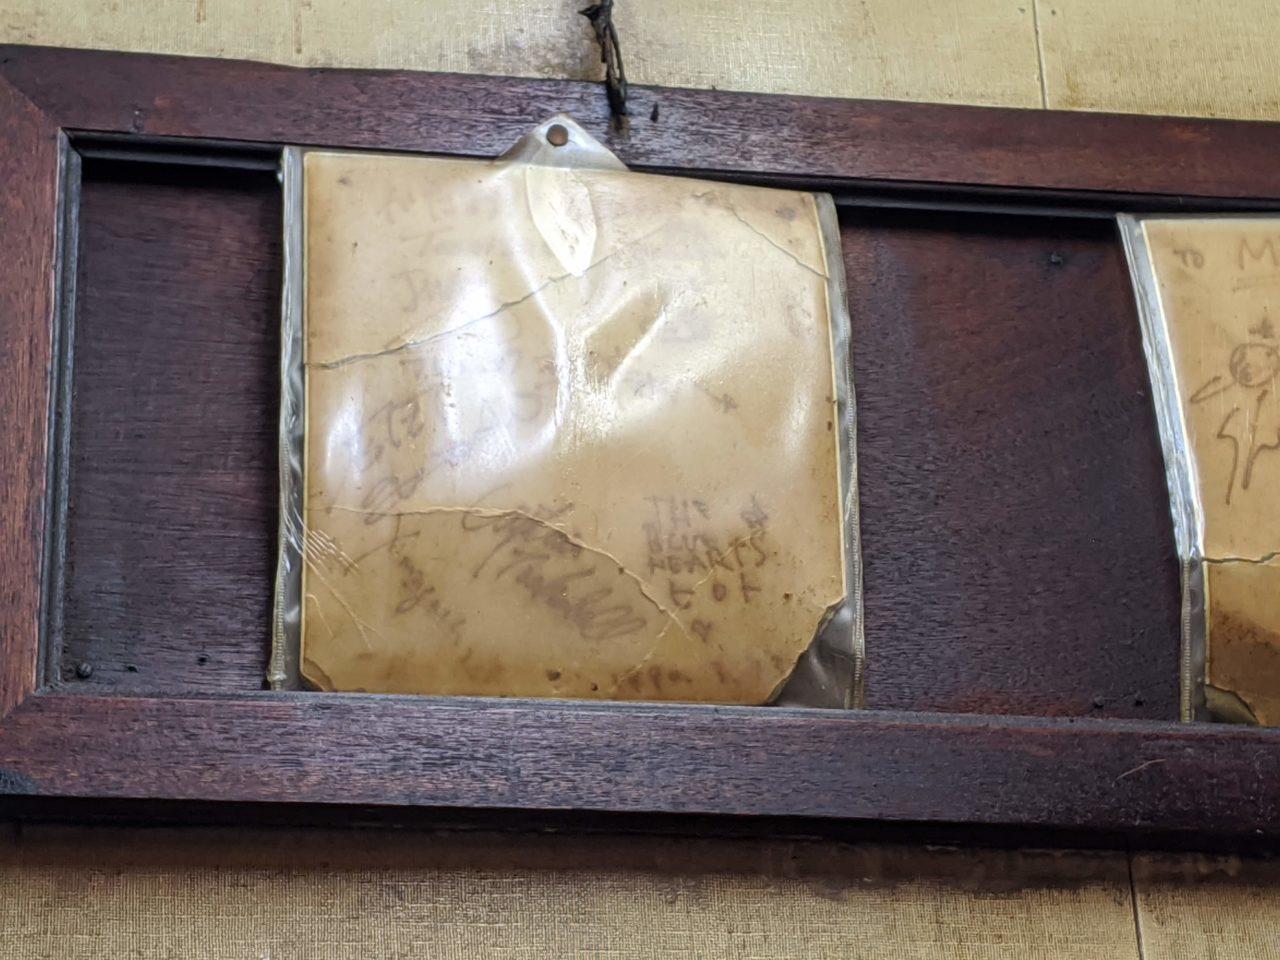 甲本ヒロトのサイン